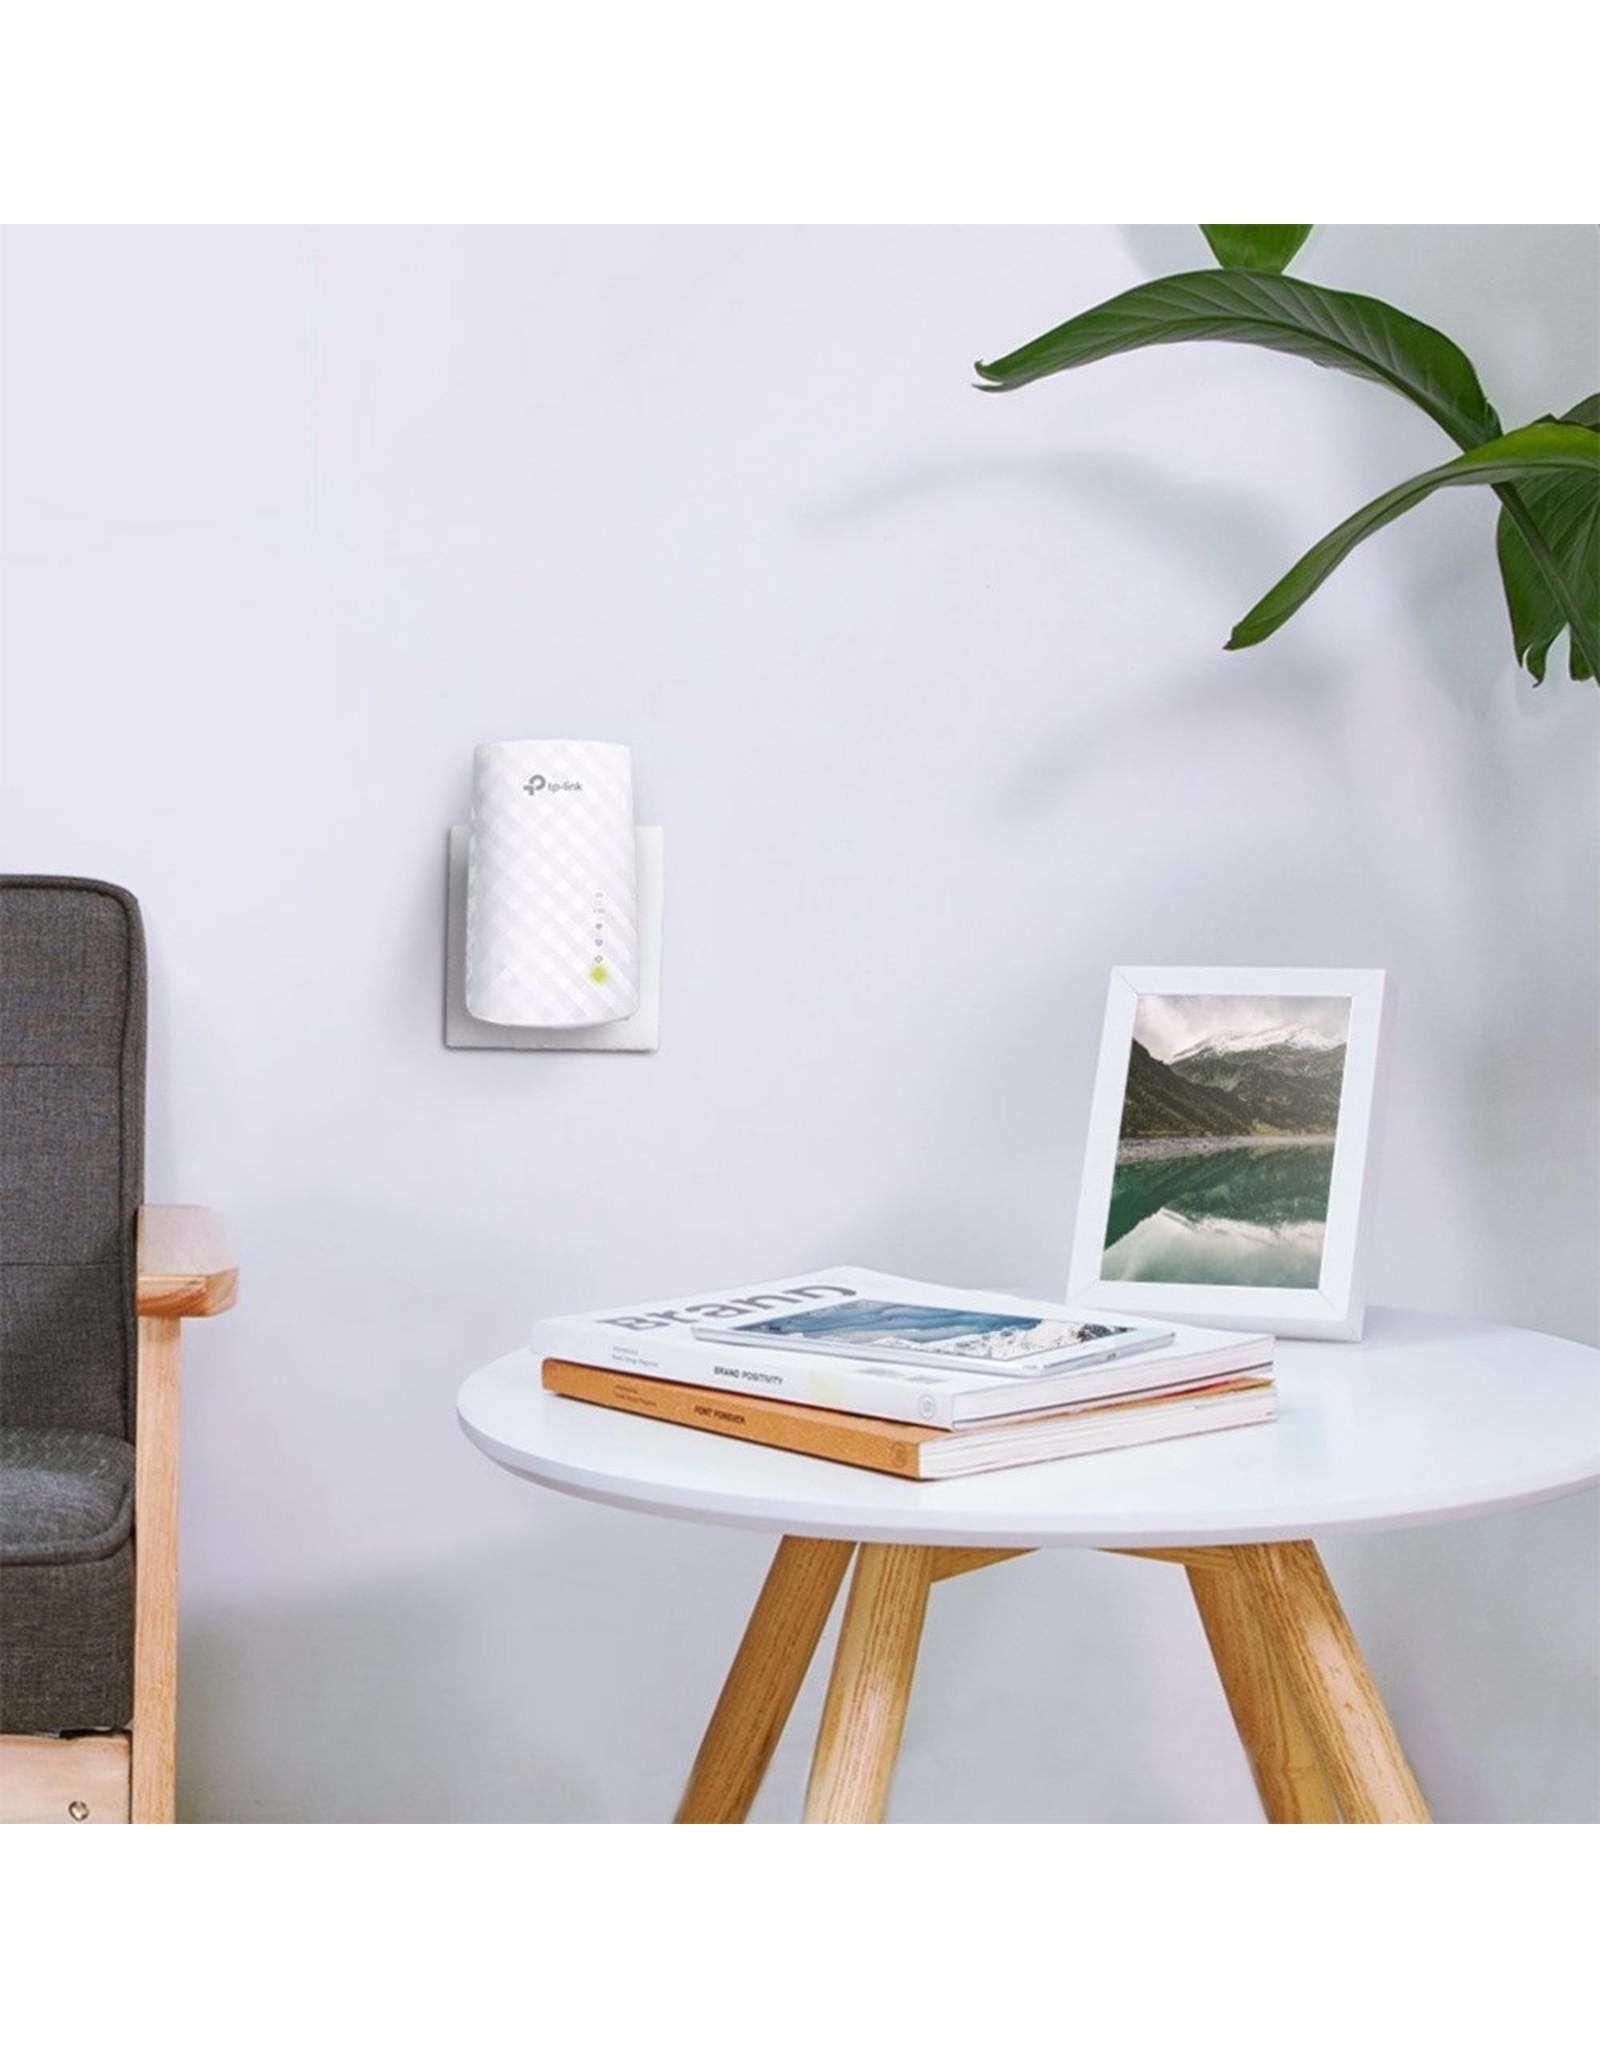 TP-Link AC750 WiFi Range Extender 750mbps